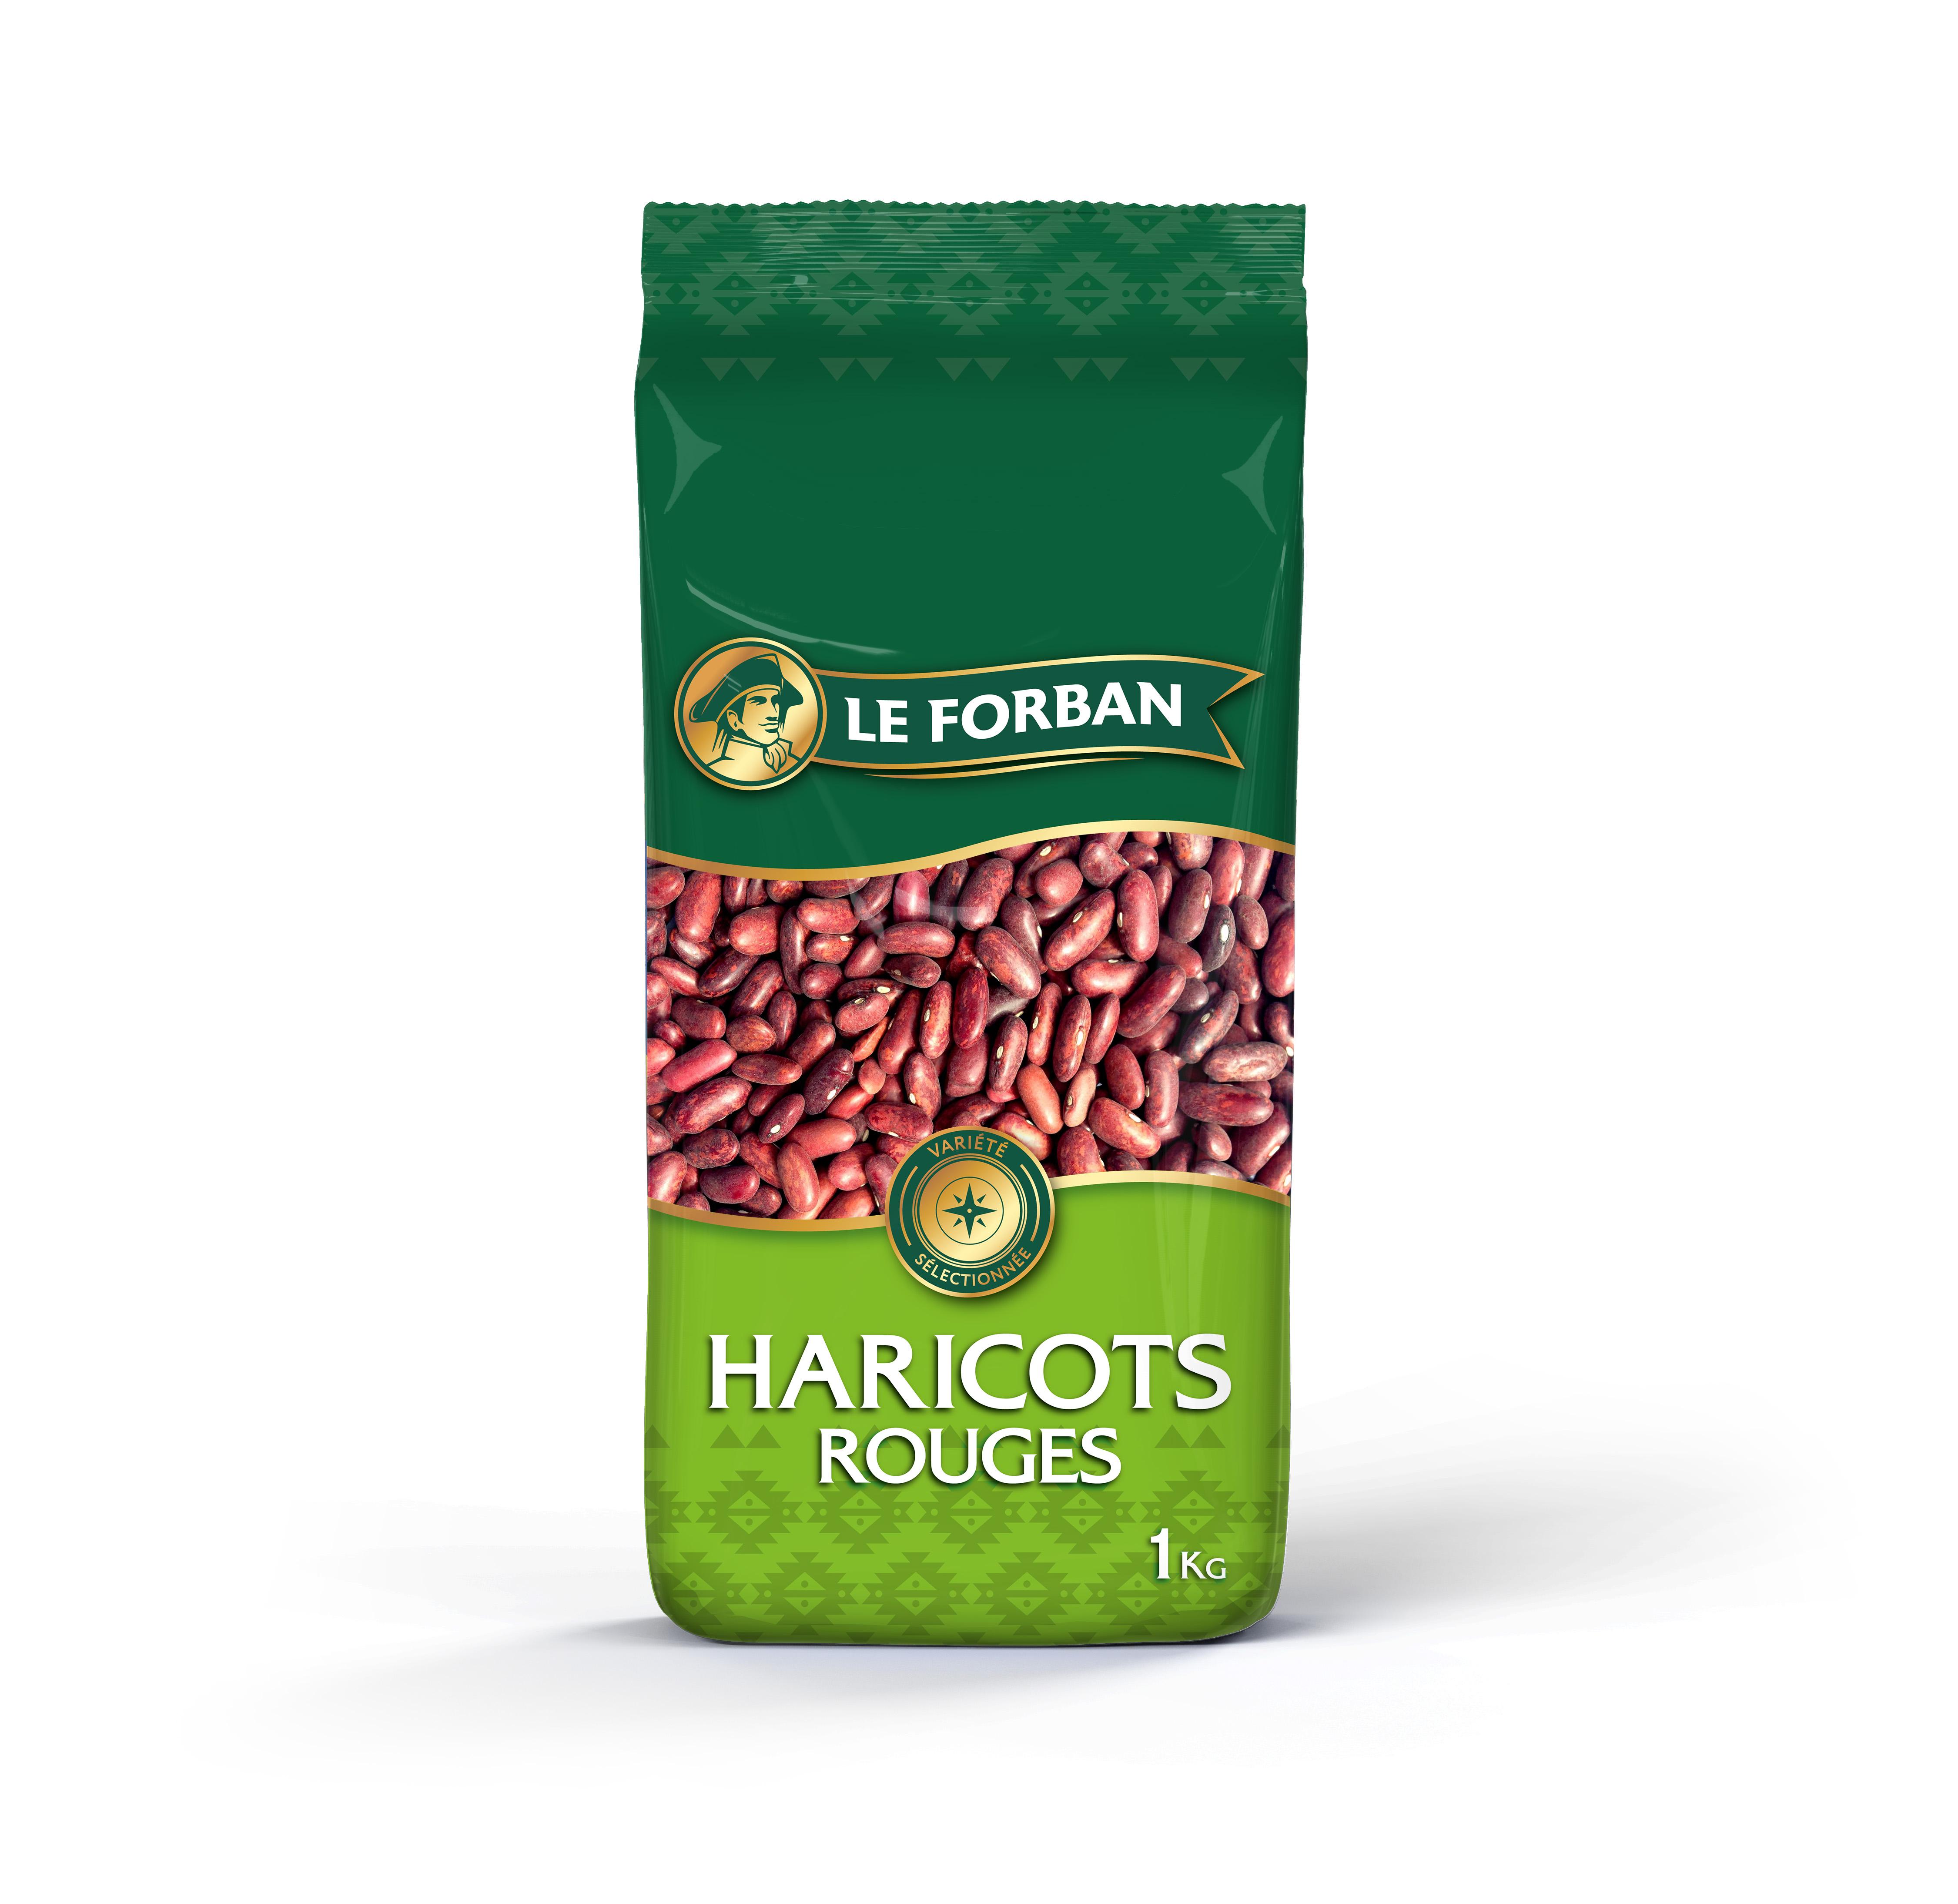 3297135004011 LF haricots rouges 1kg